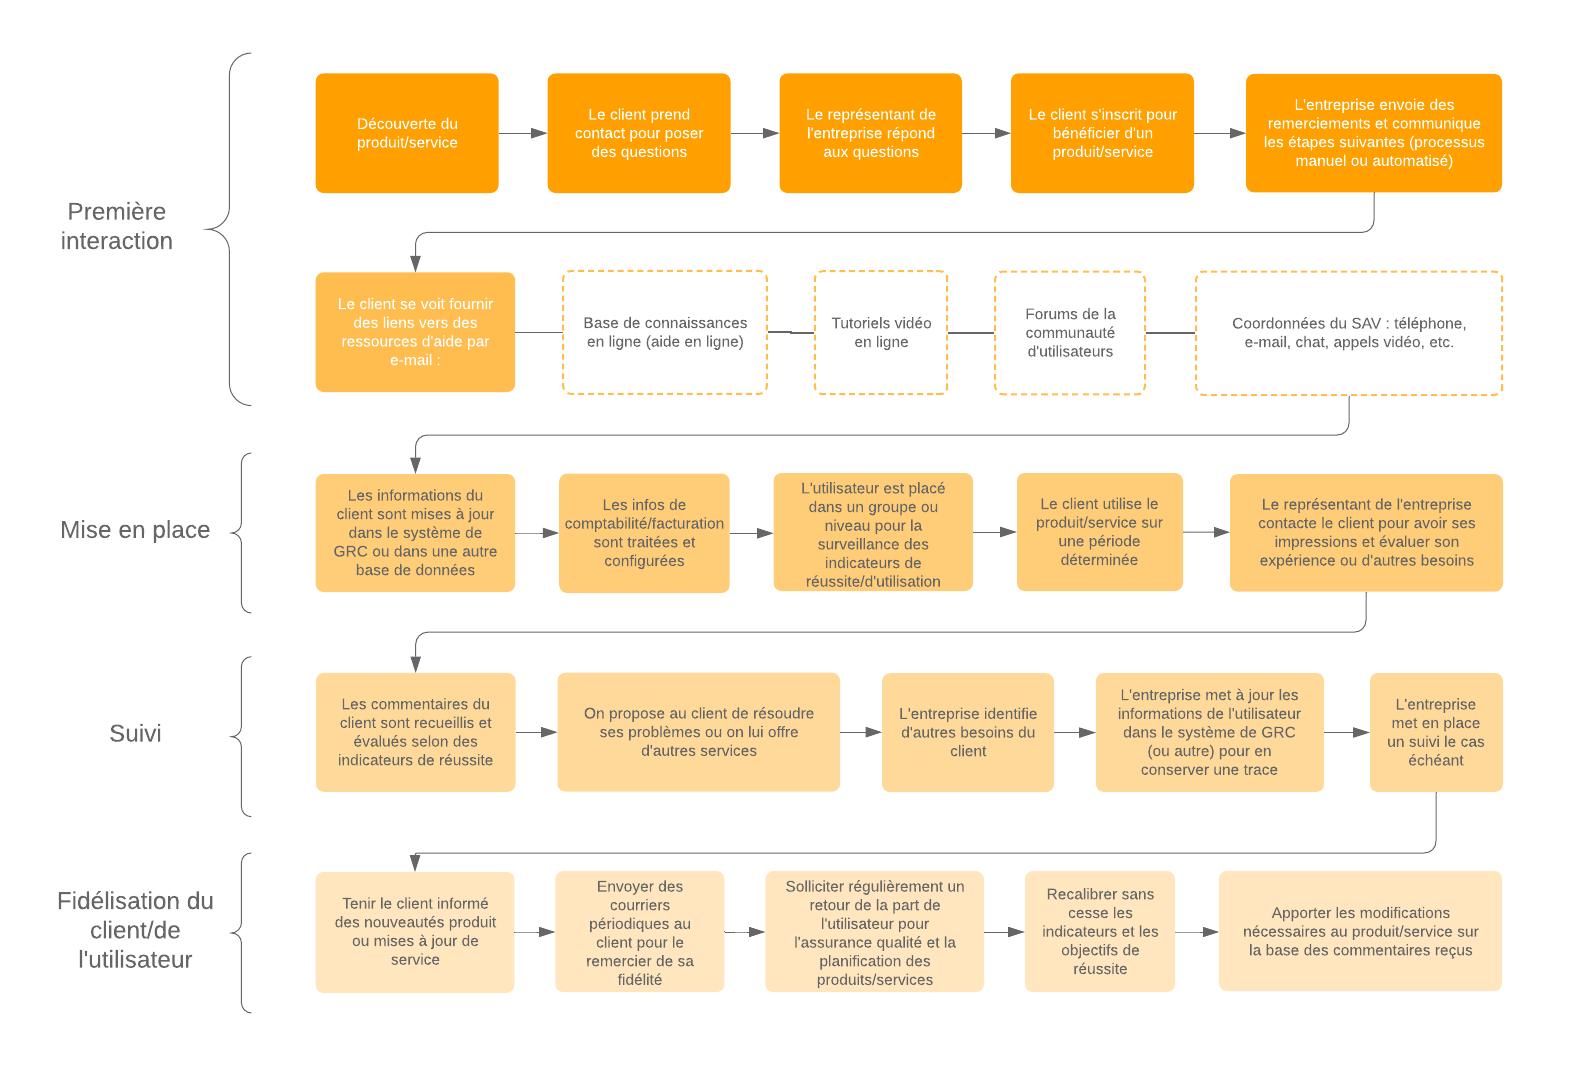 Exemple de modélisation BPMN en ligne